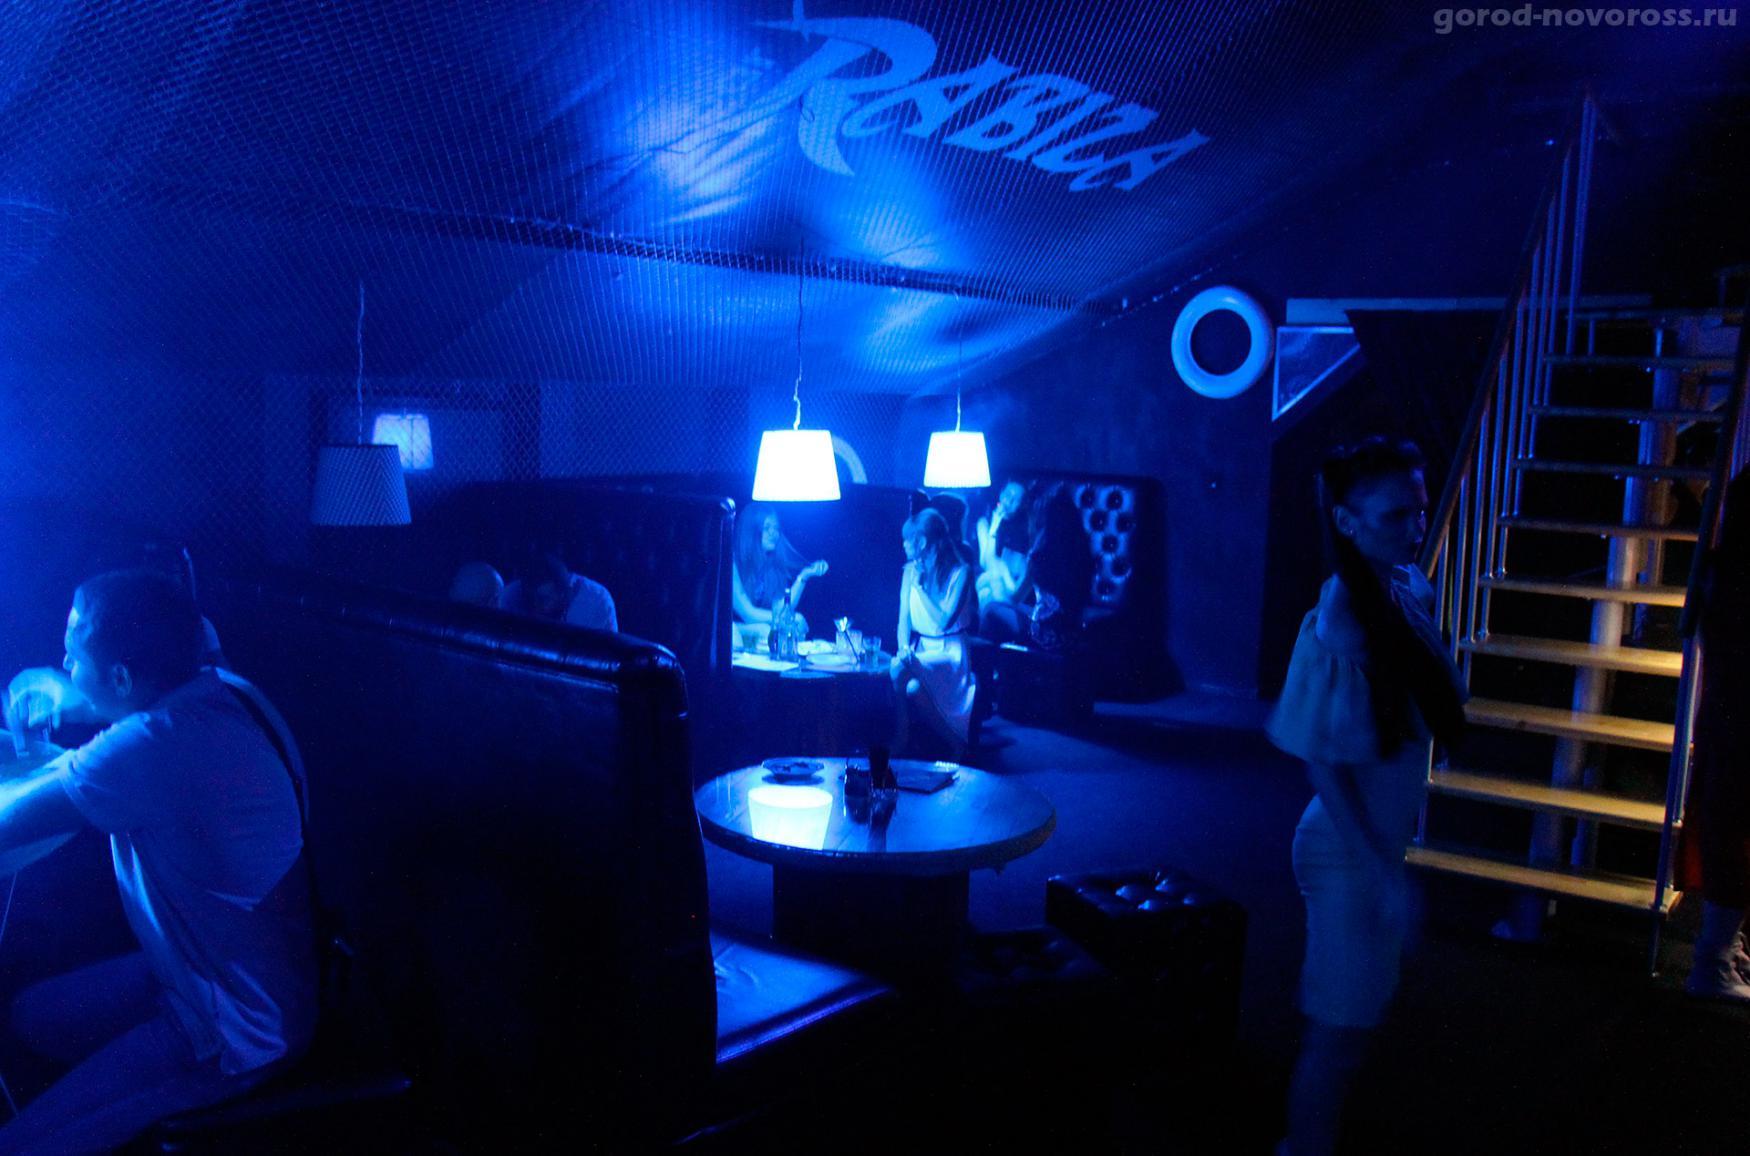 доехали ночной клуб оранж новороссийск фотоотчеты конторы